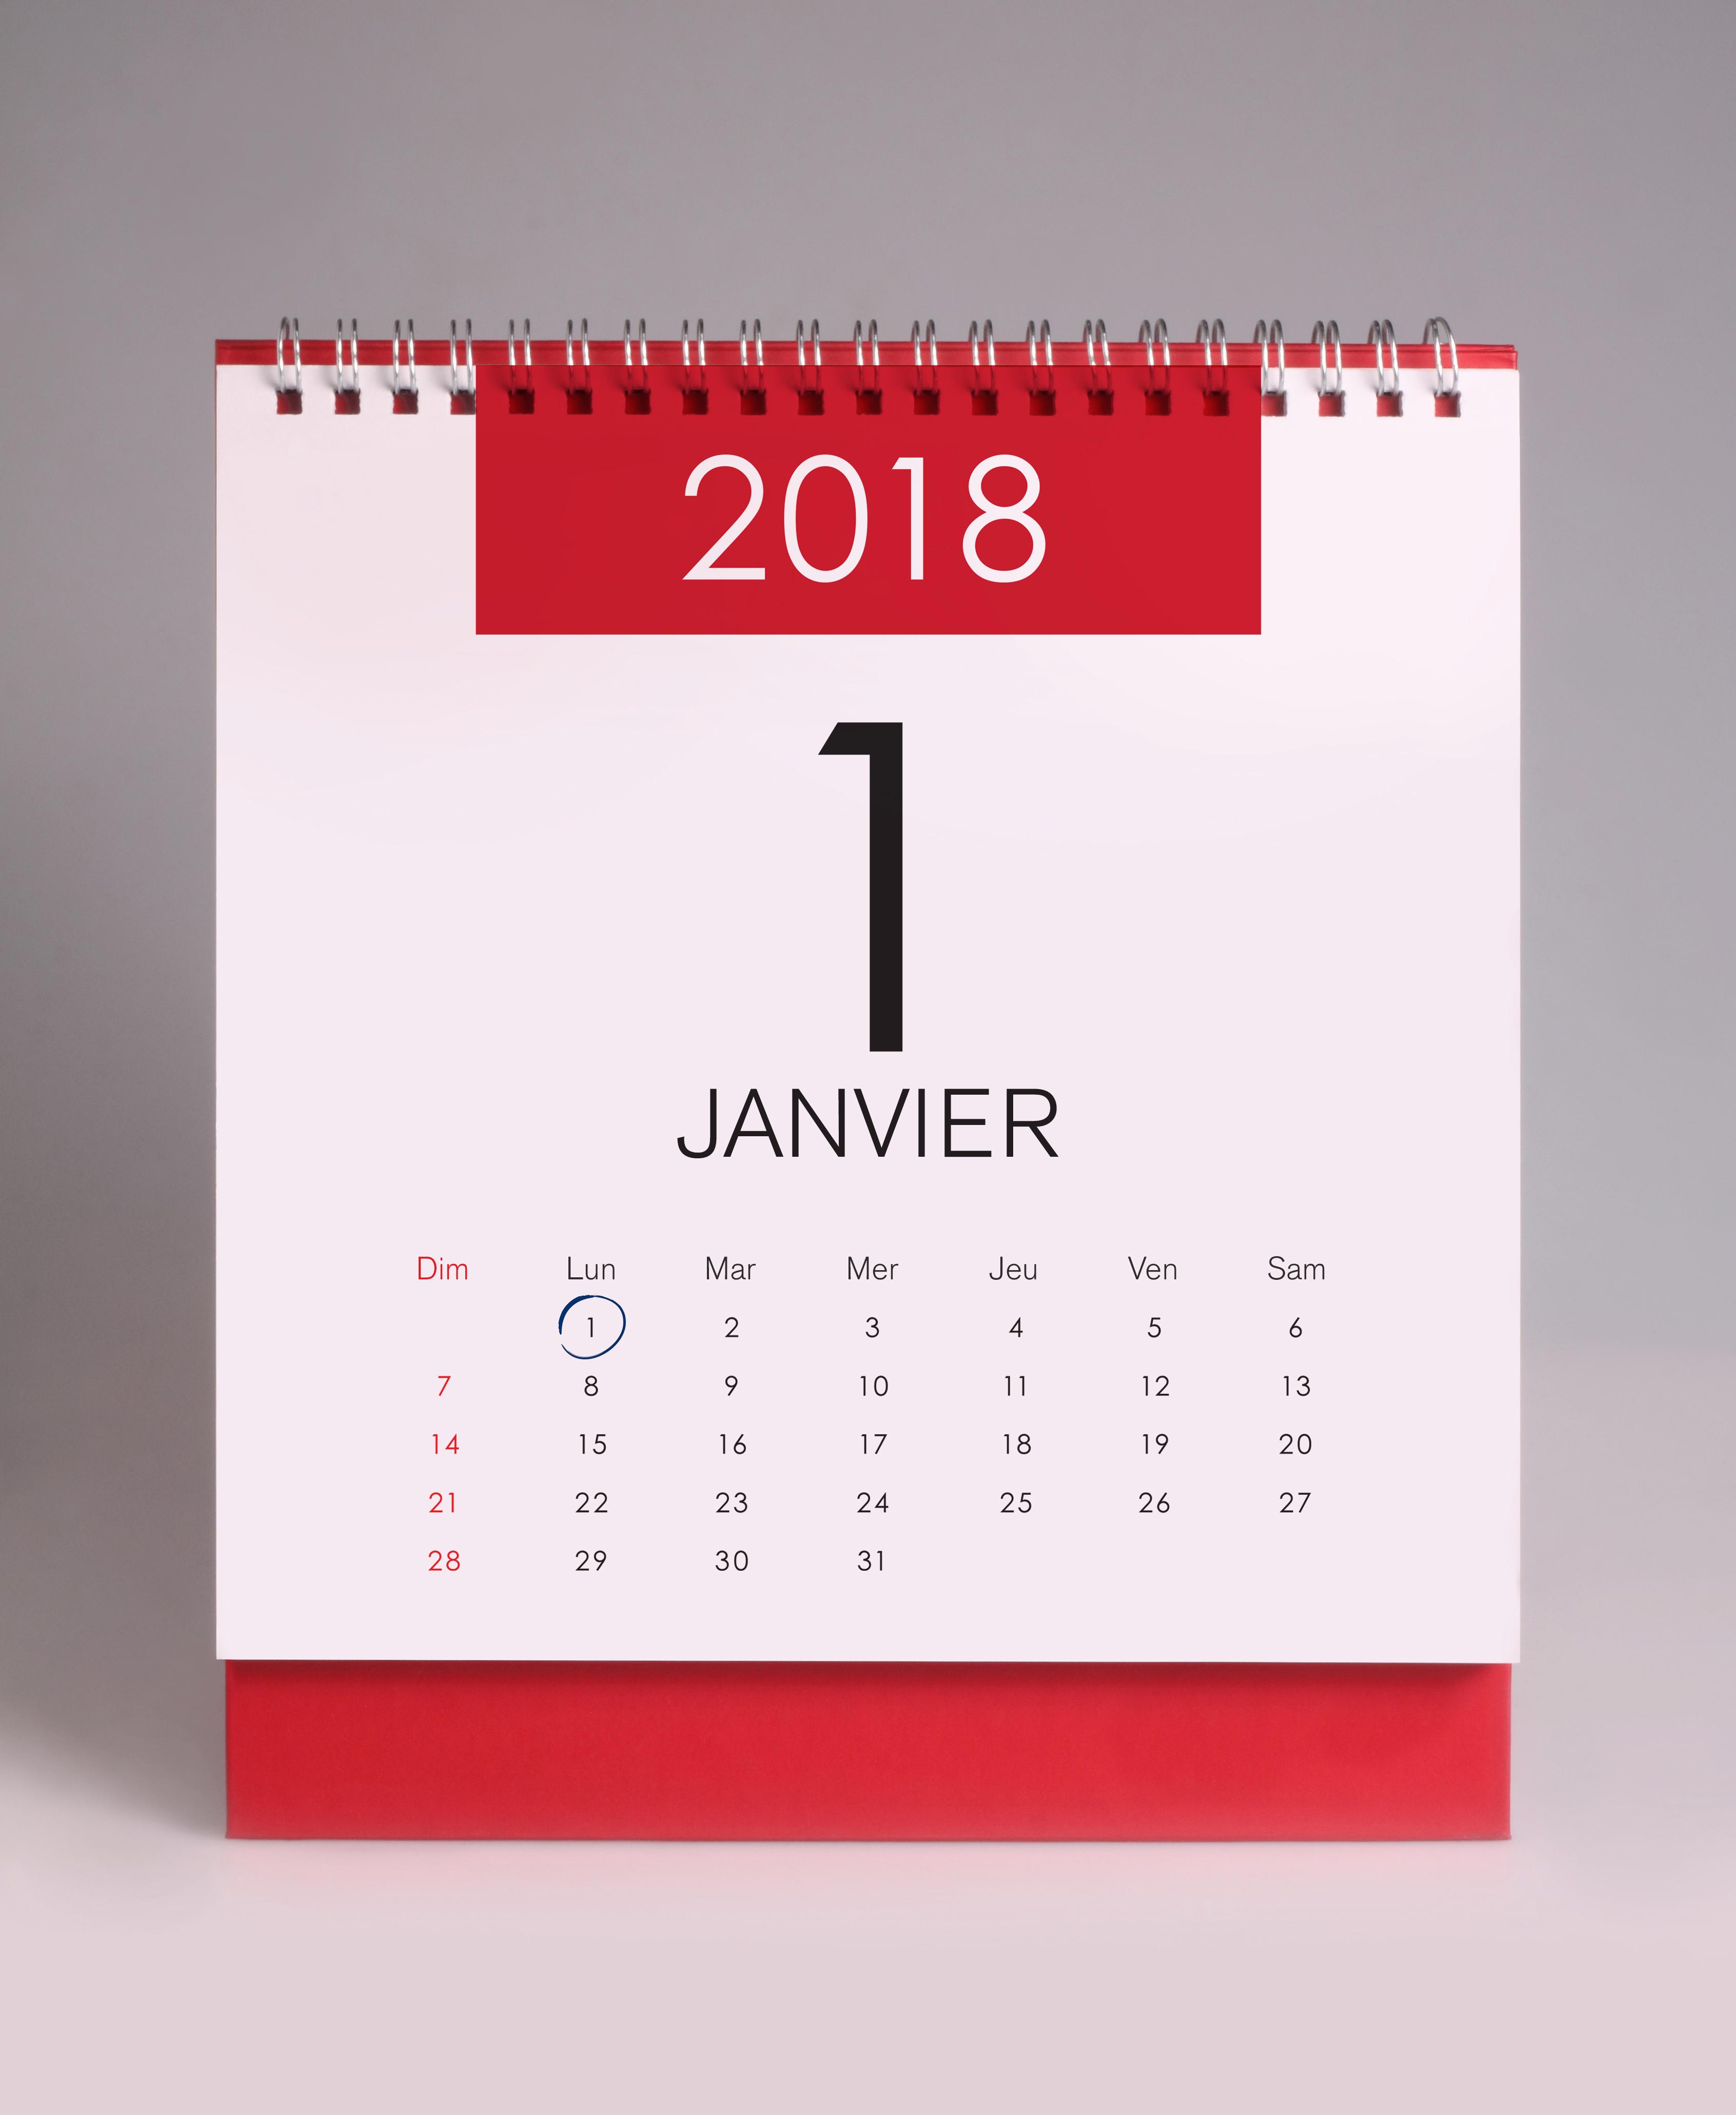 1_janvier_2018.jpg